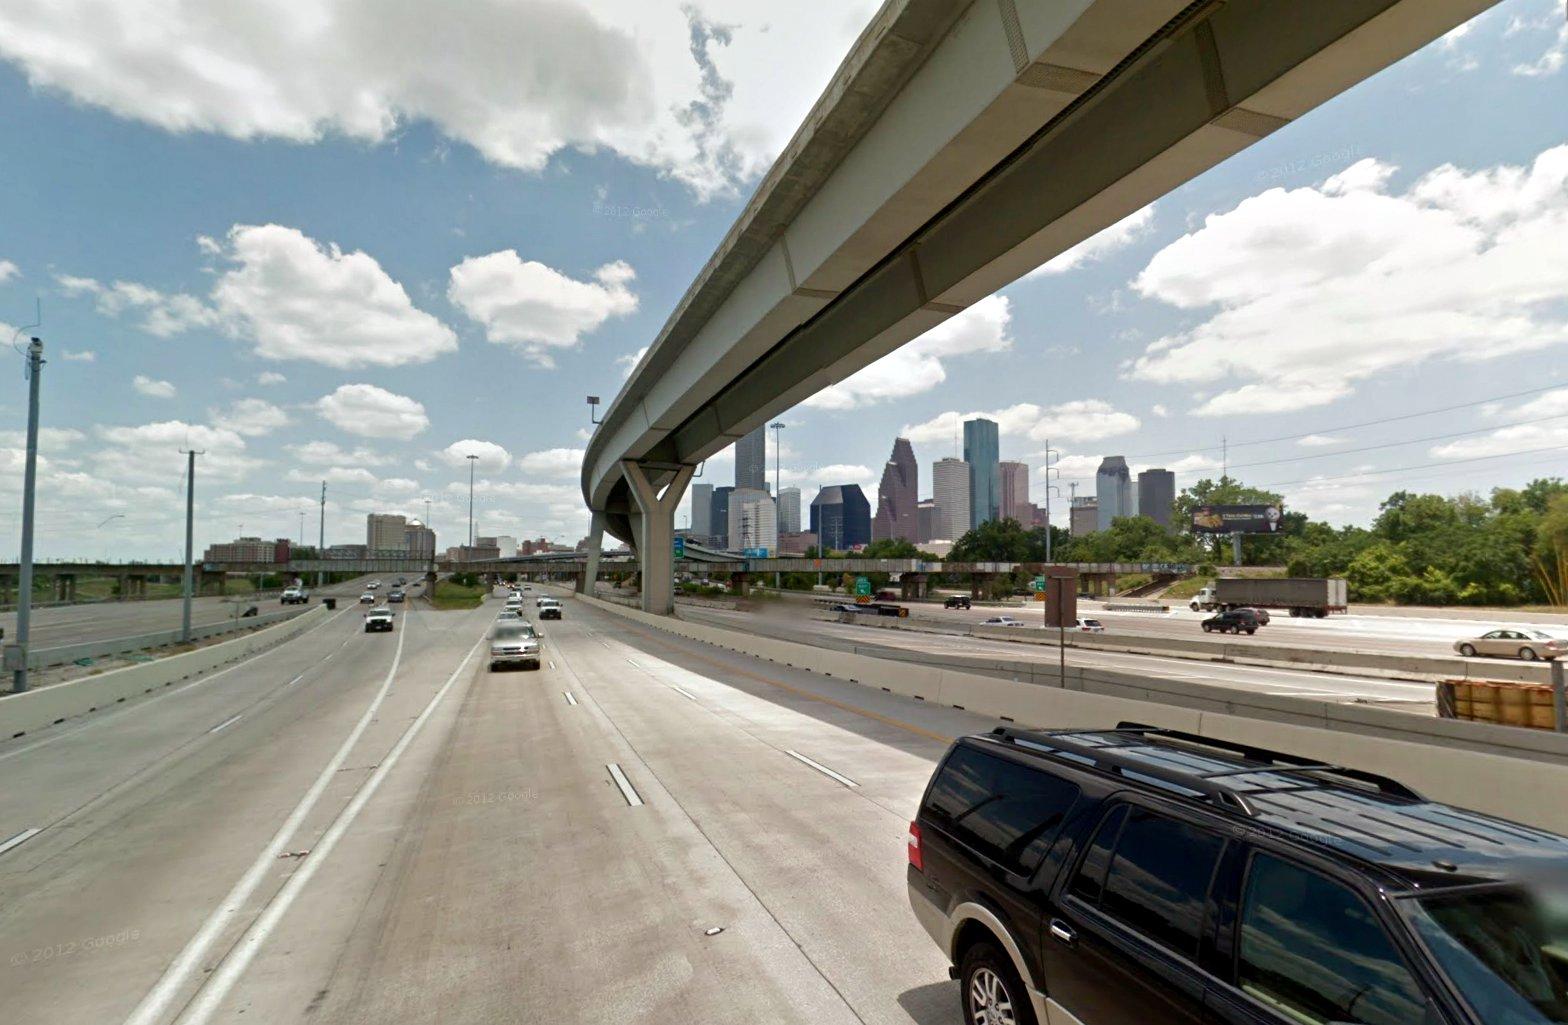 Too Big For Texas Houston S 23 Lane Freeway Planetizen